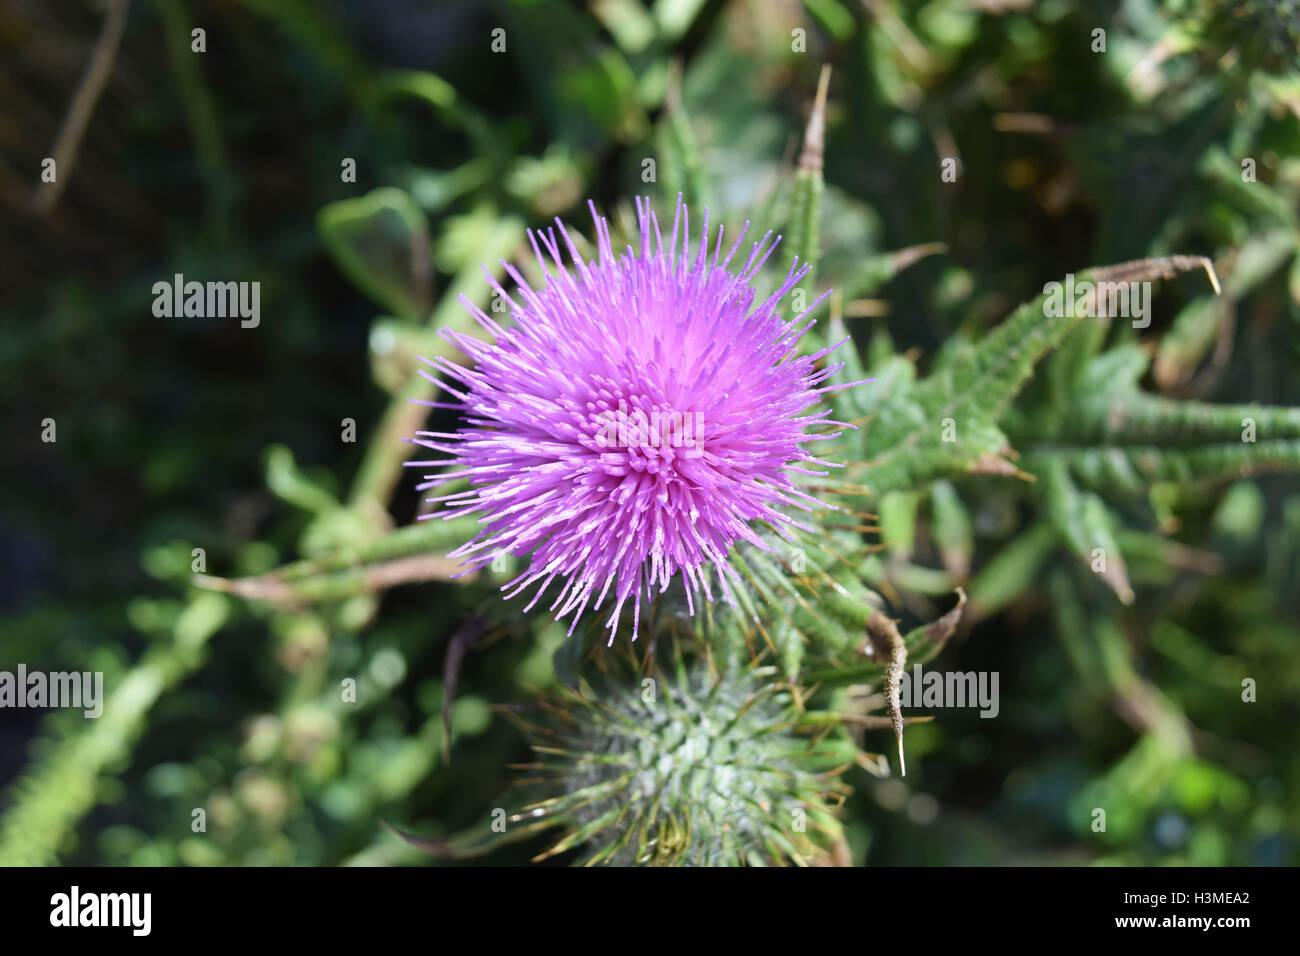 Pink Spiky Flower Stock Photo 122766842 Alamy